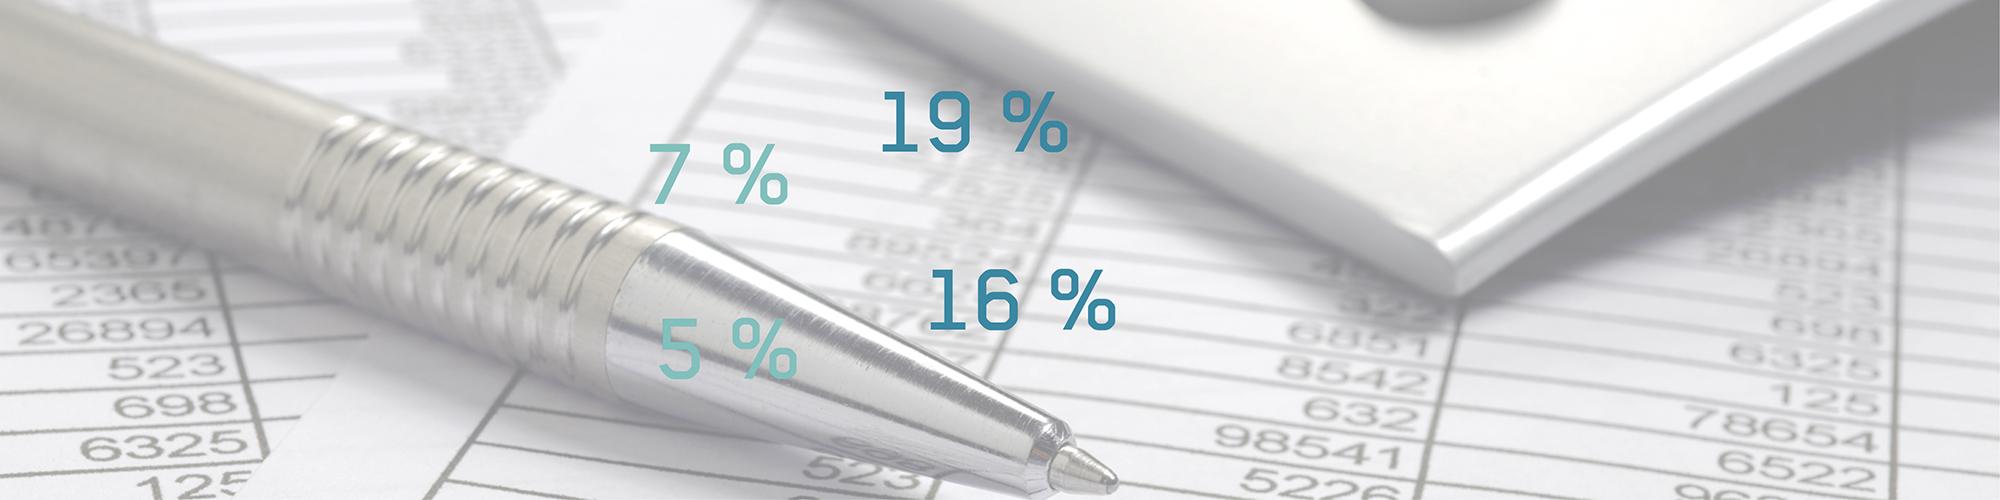 Slider-Bild zum Thema Umsatzsteuersenkung